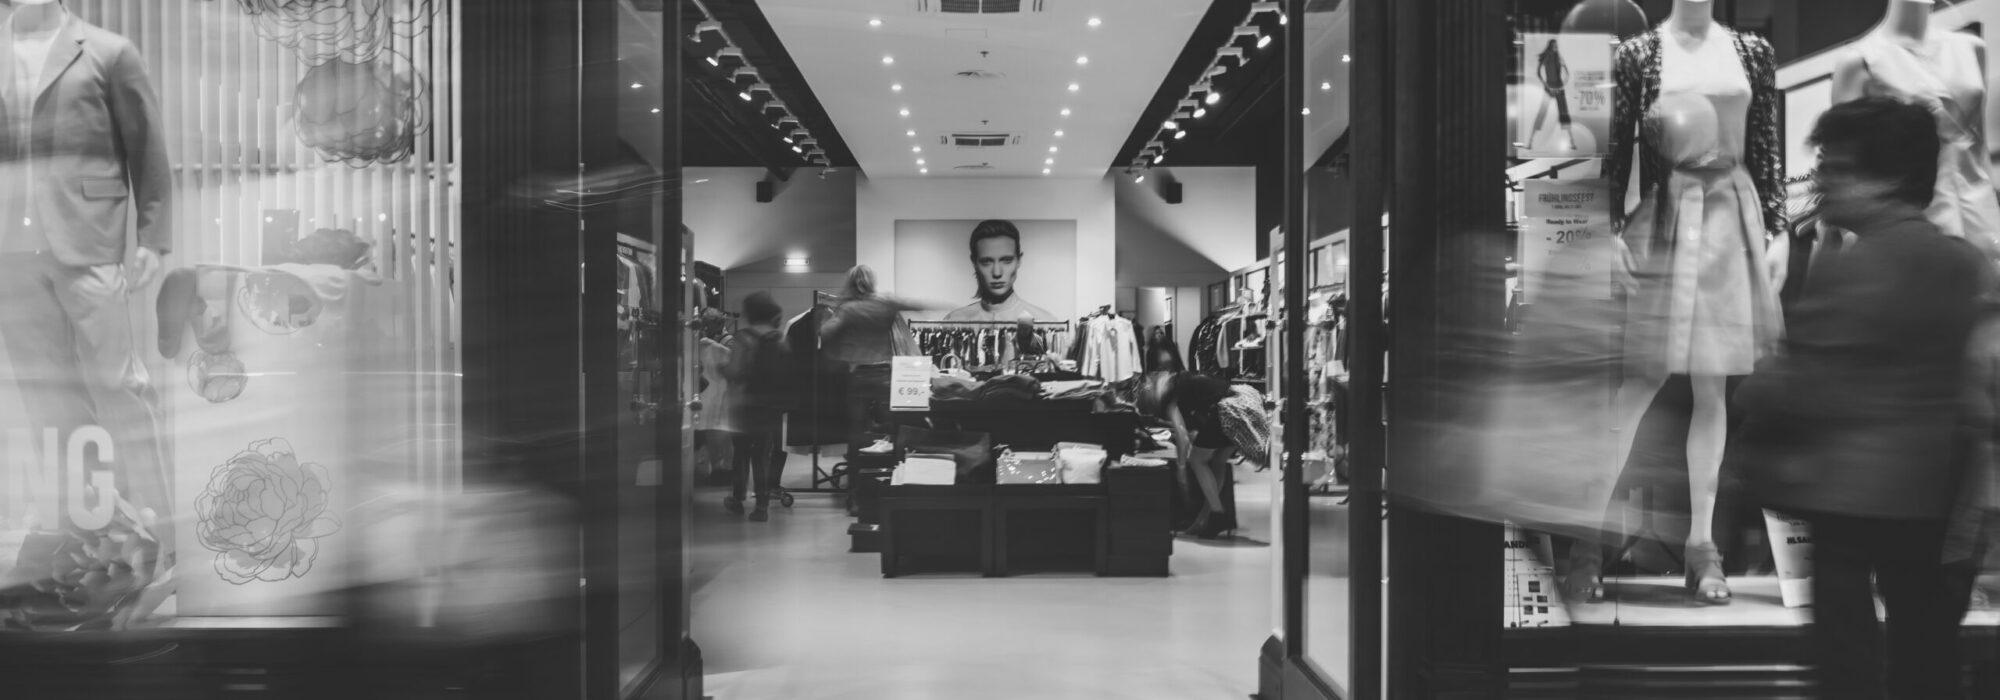 imagen de retail